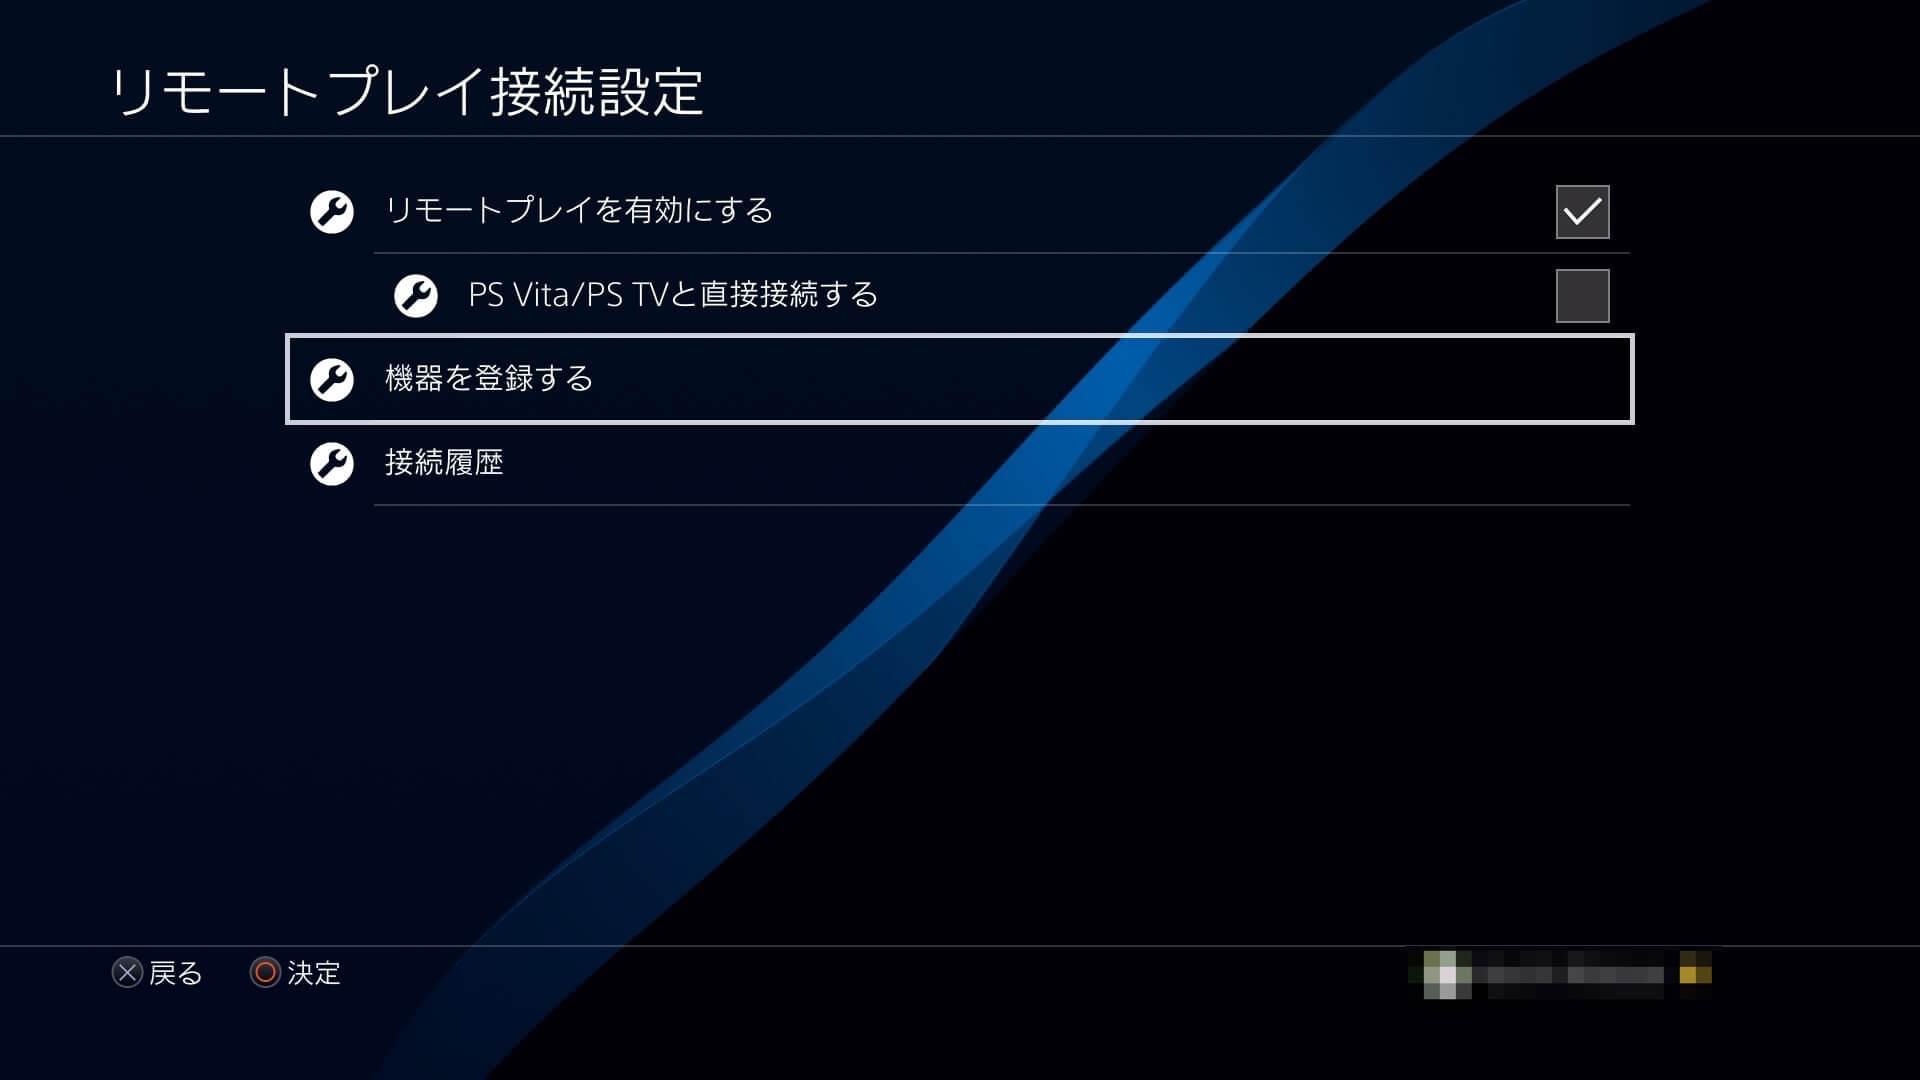 PS4のリモートプレイ設定